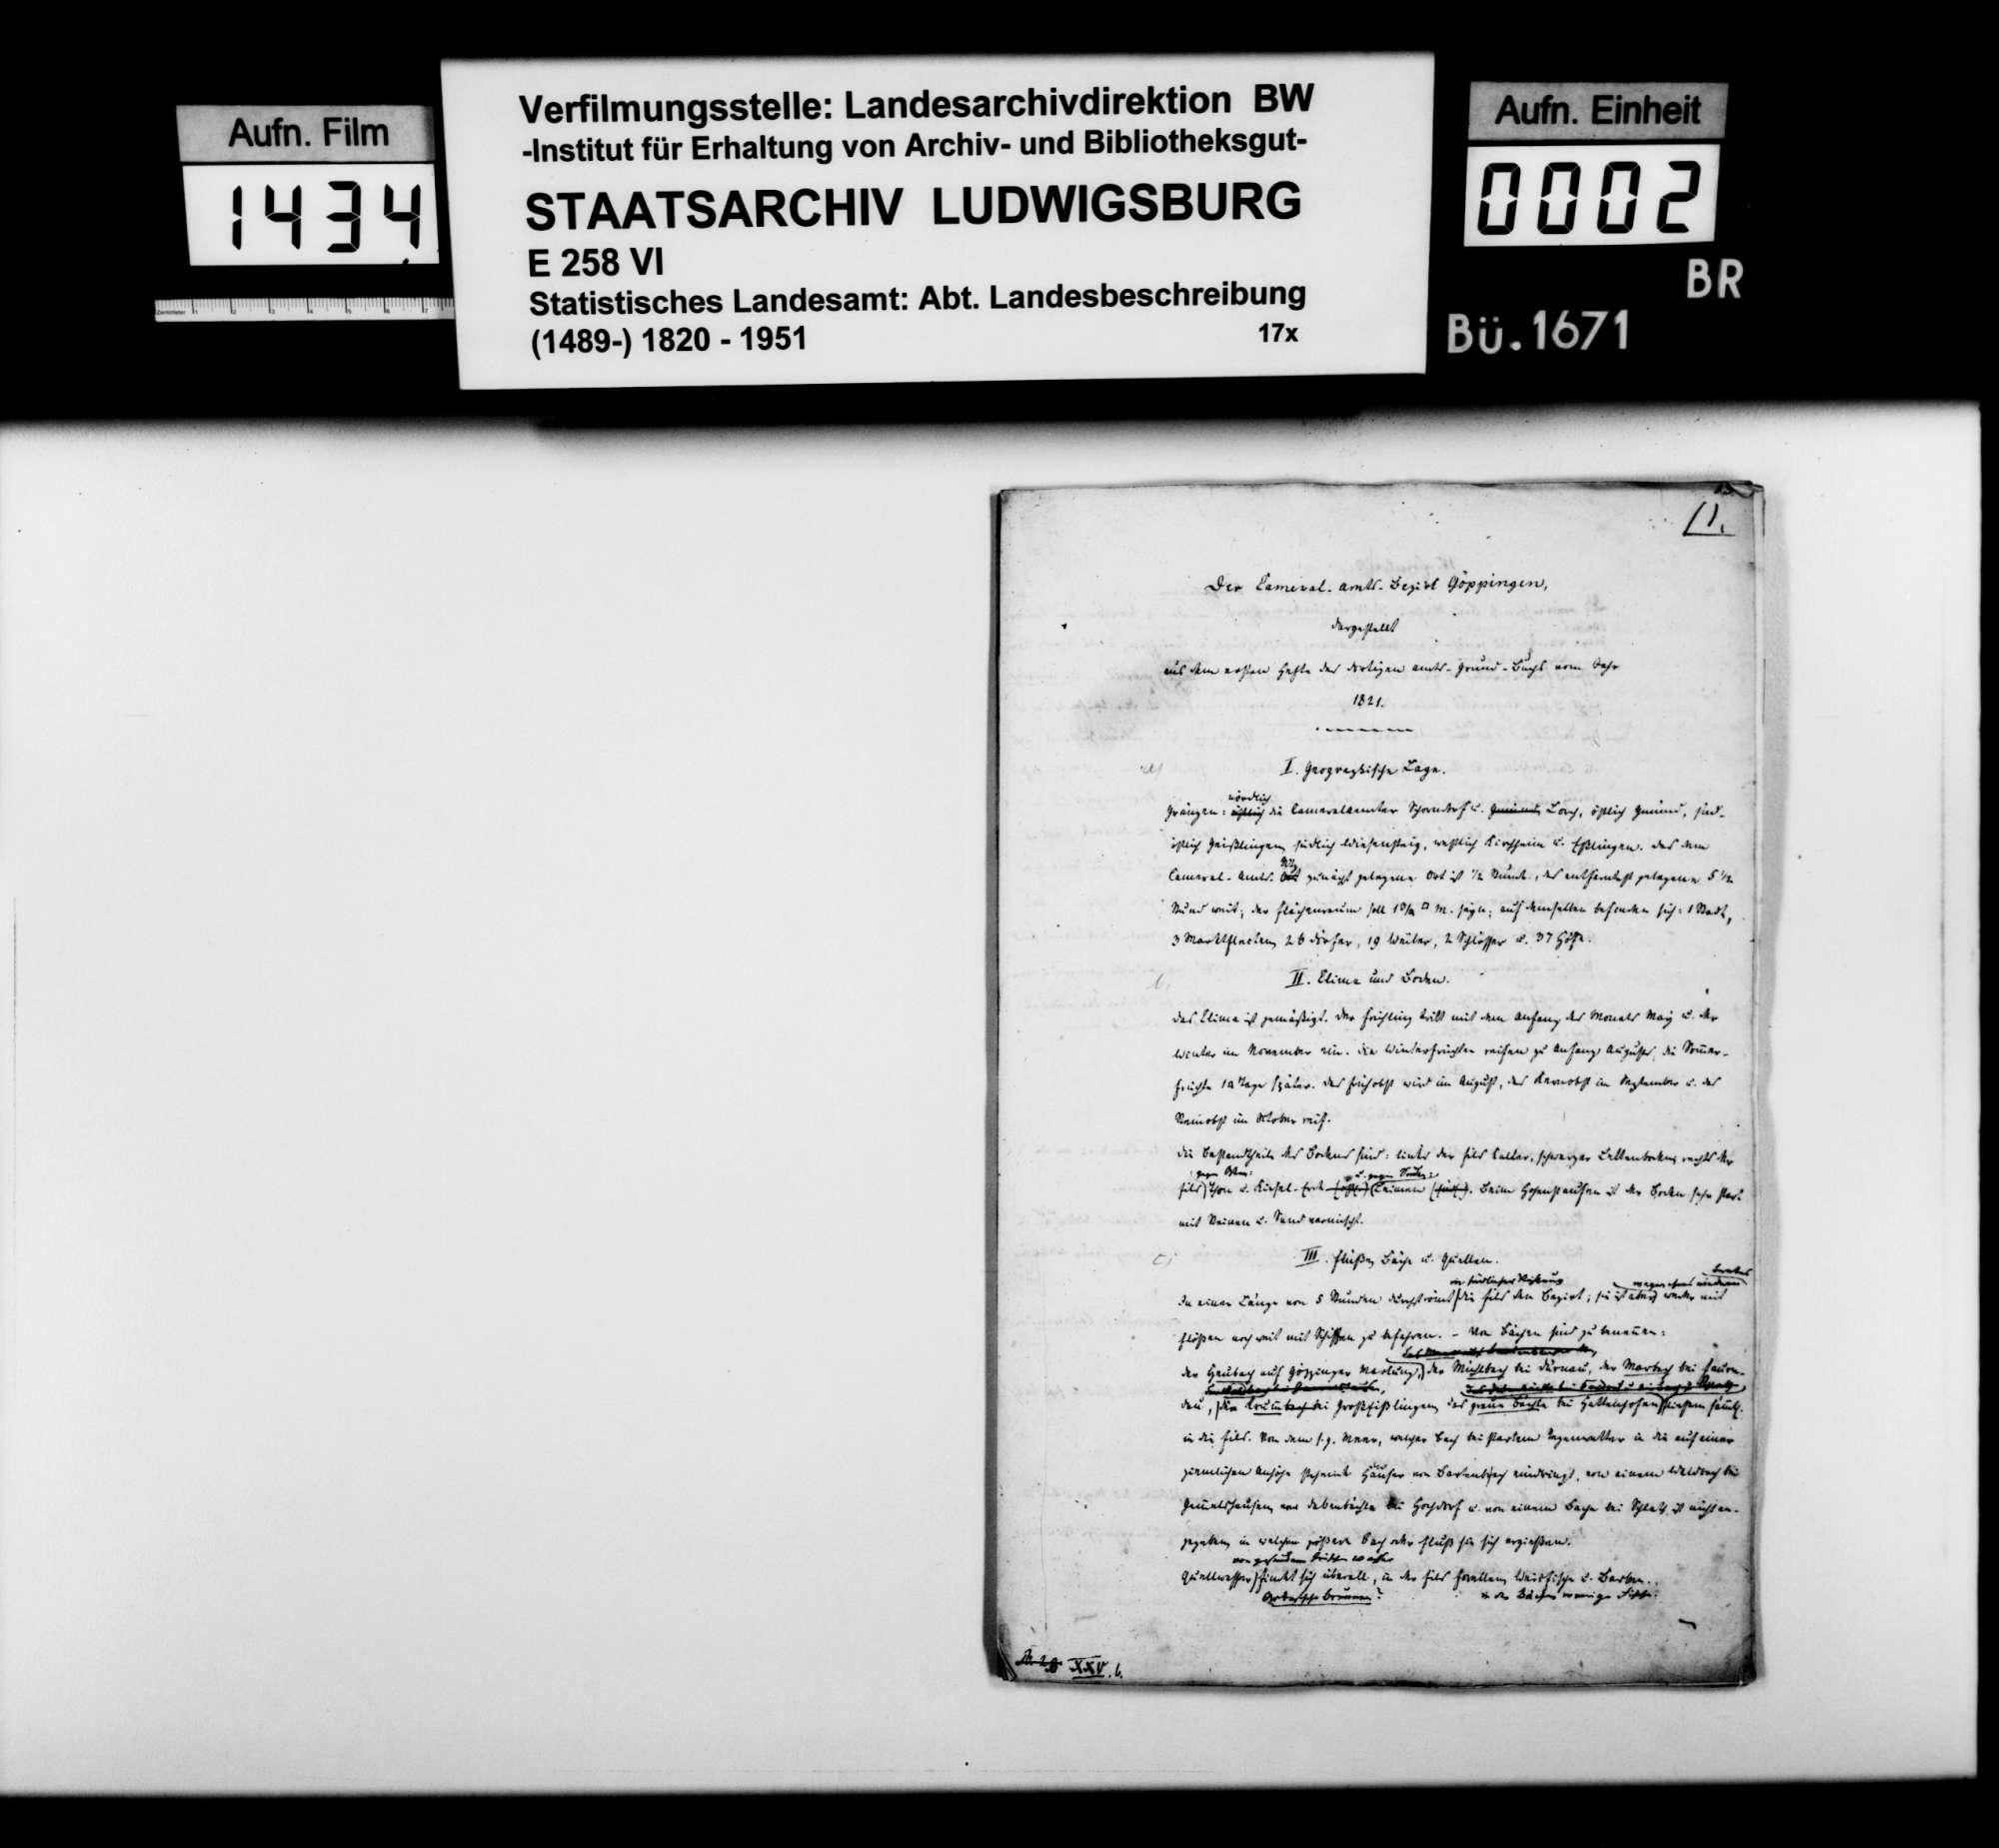 Auszüge aus Heft I des Kameralamtsgrundbuchs Göppingen mit grundlegenden Informationen zum Oberamtsbezirk, Bild 1